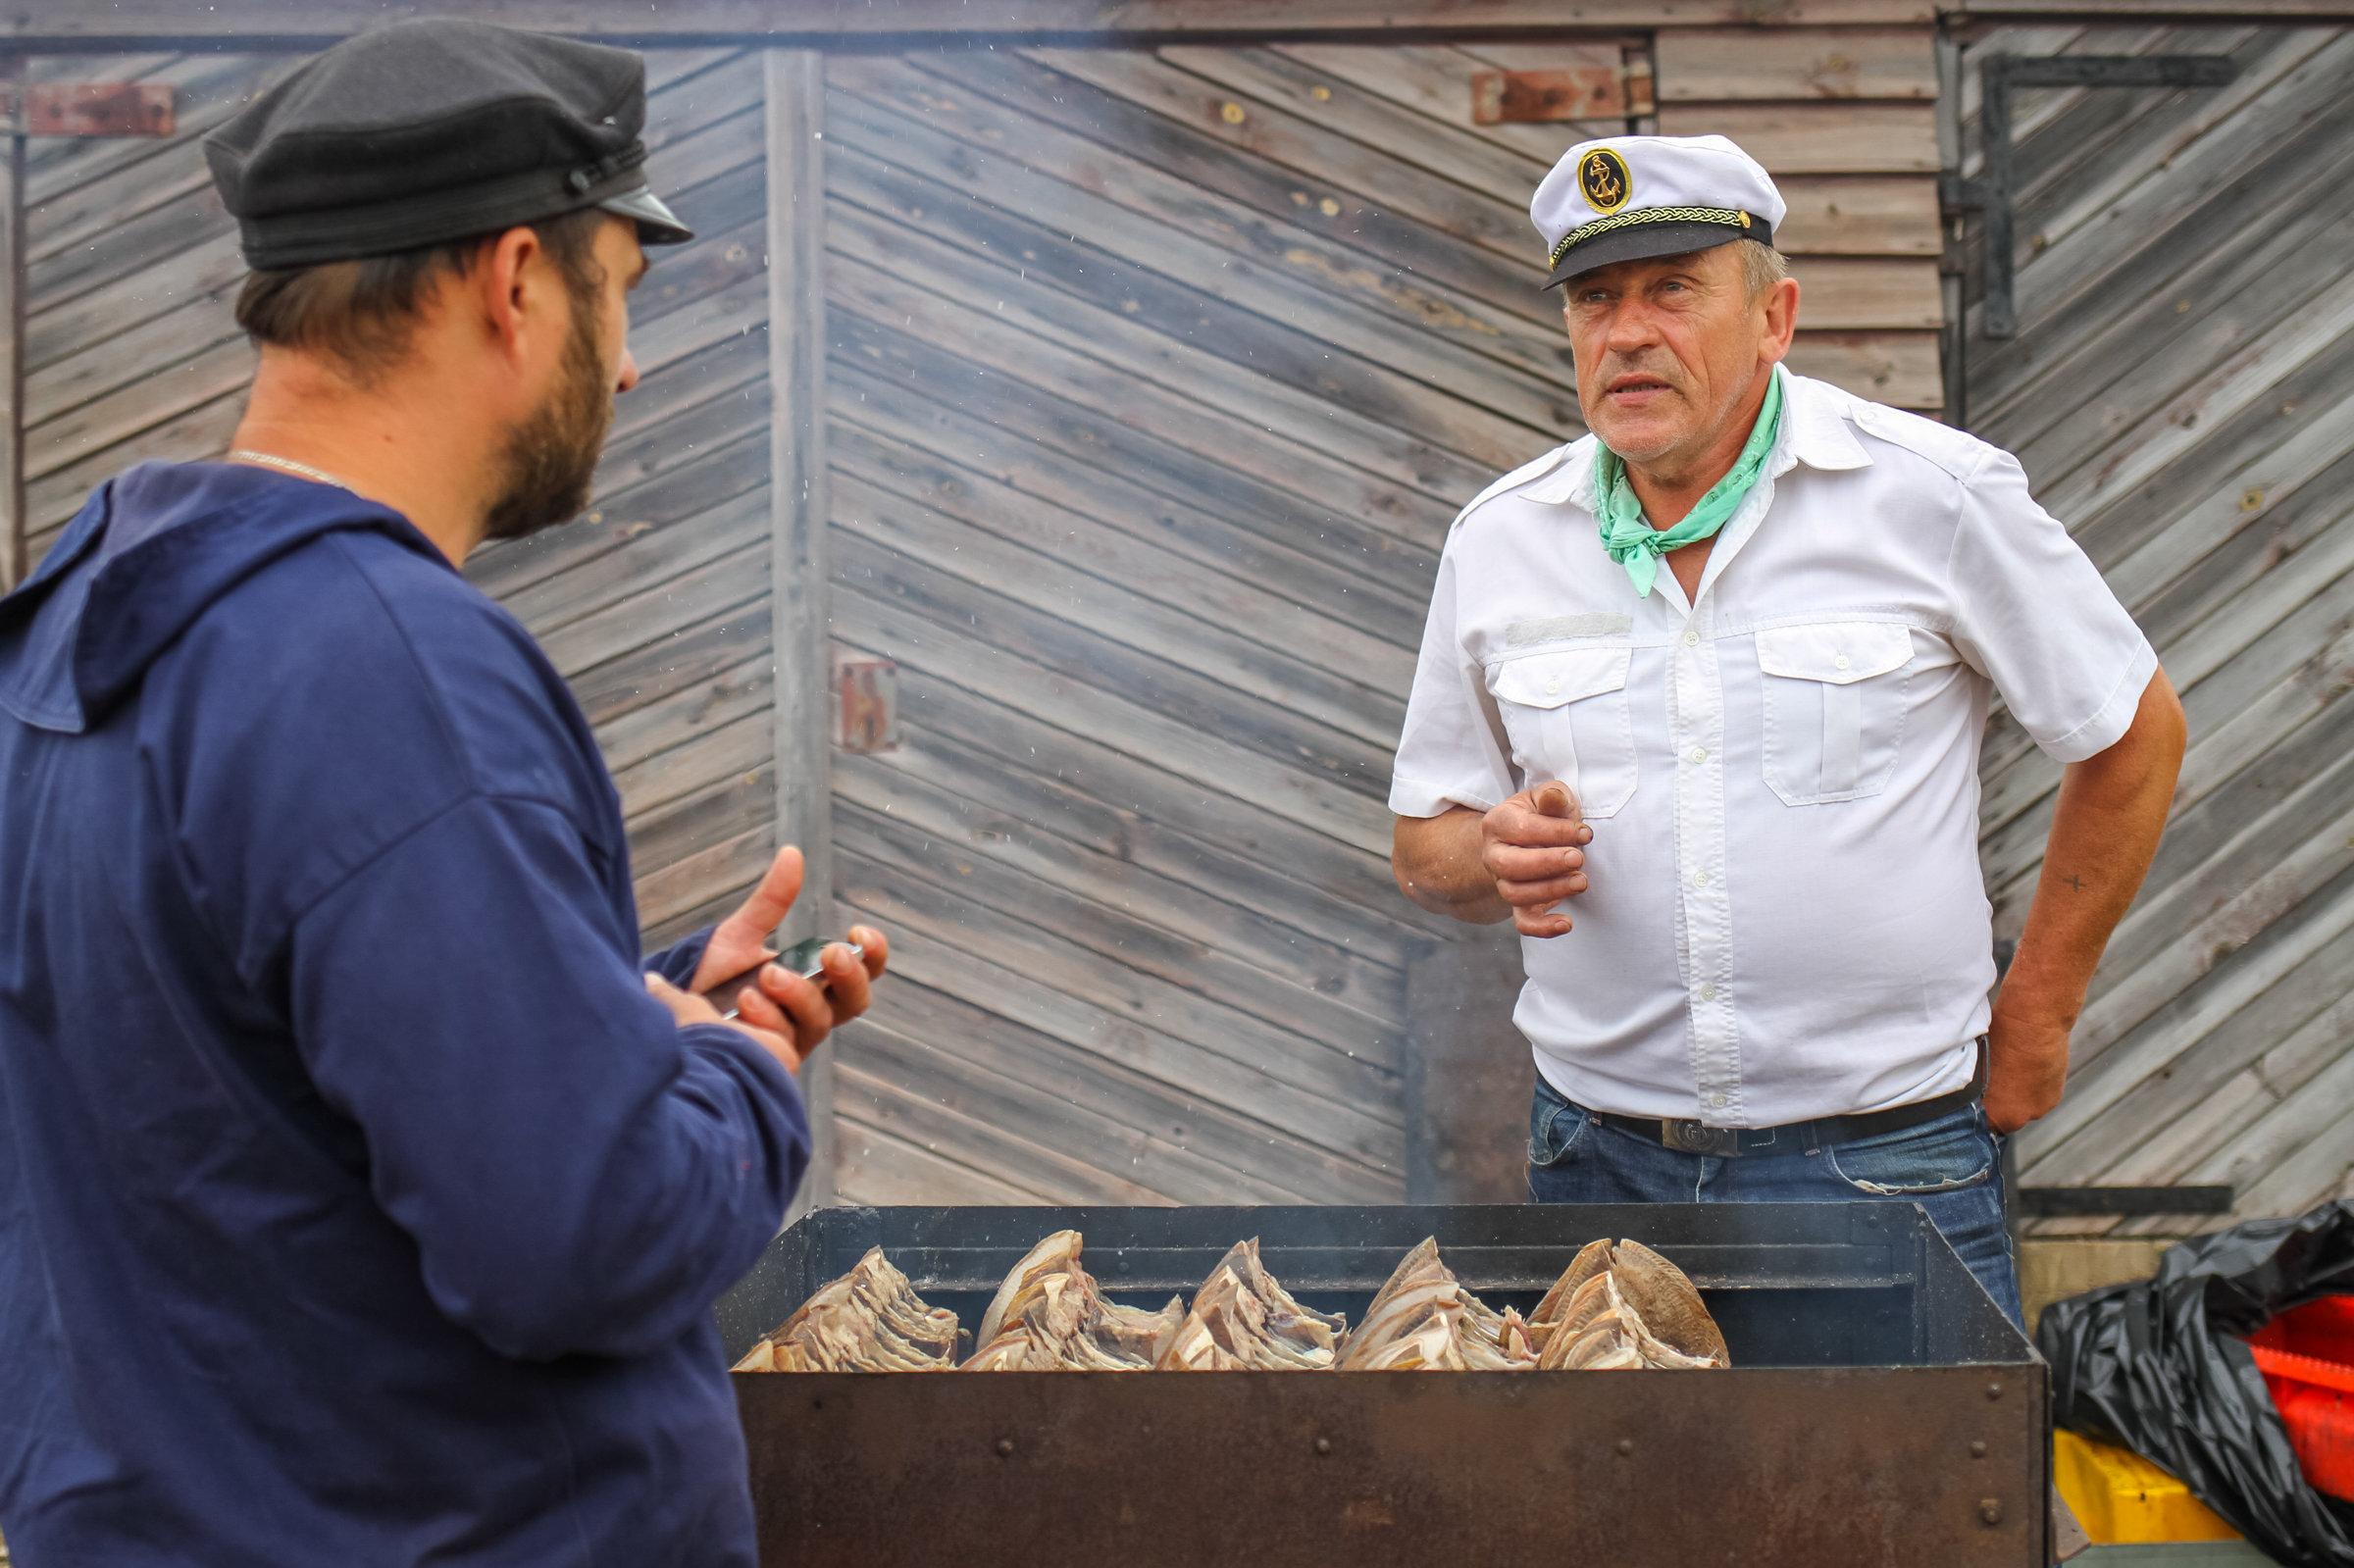 Хозяин гостевого дома и мастер копчения рыбы Дзинтарс Замаритс